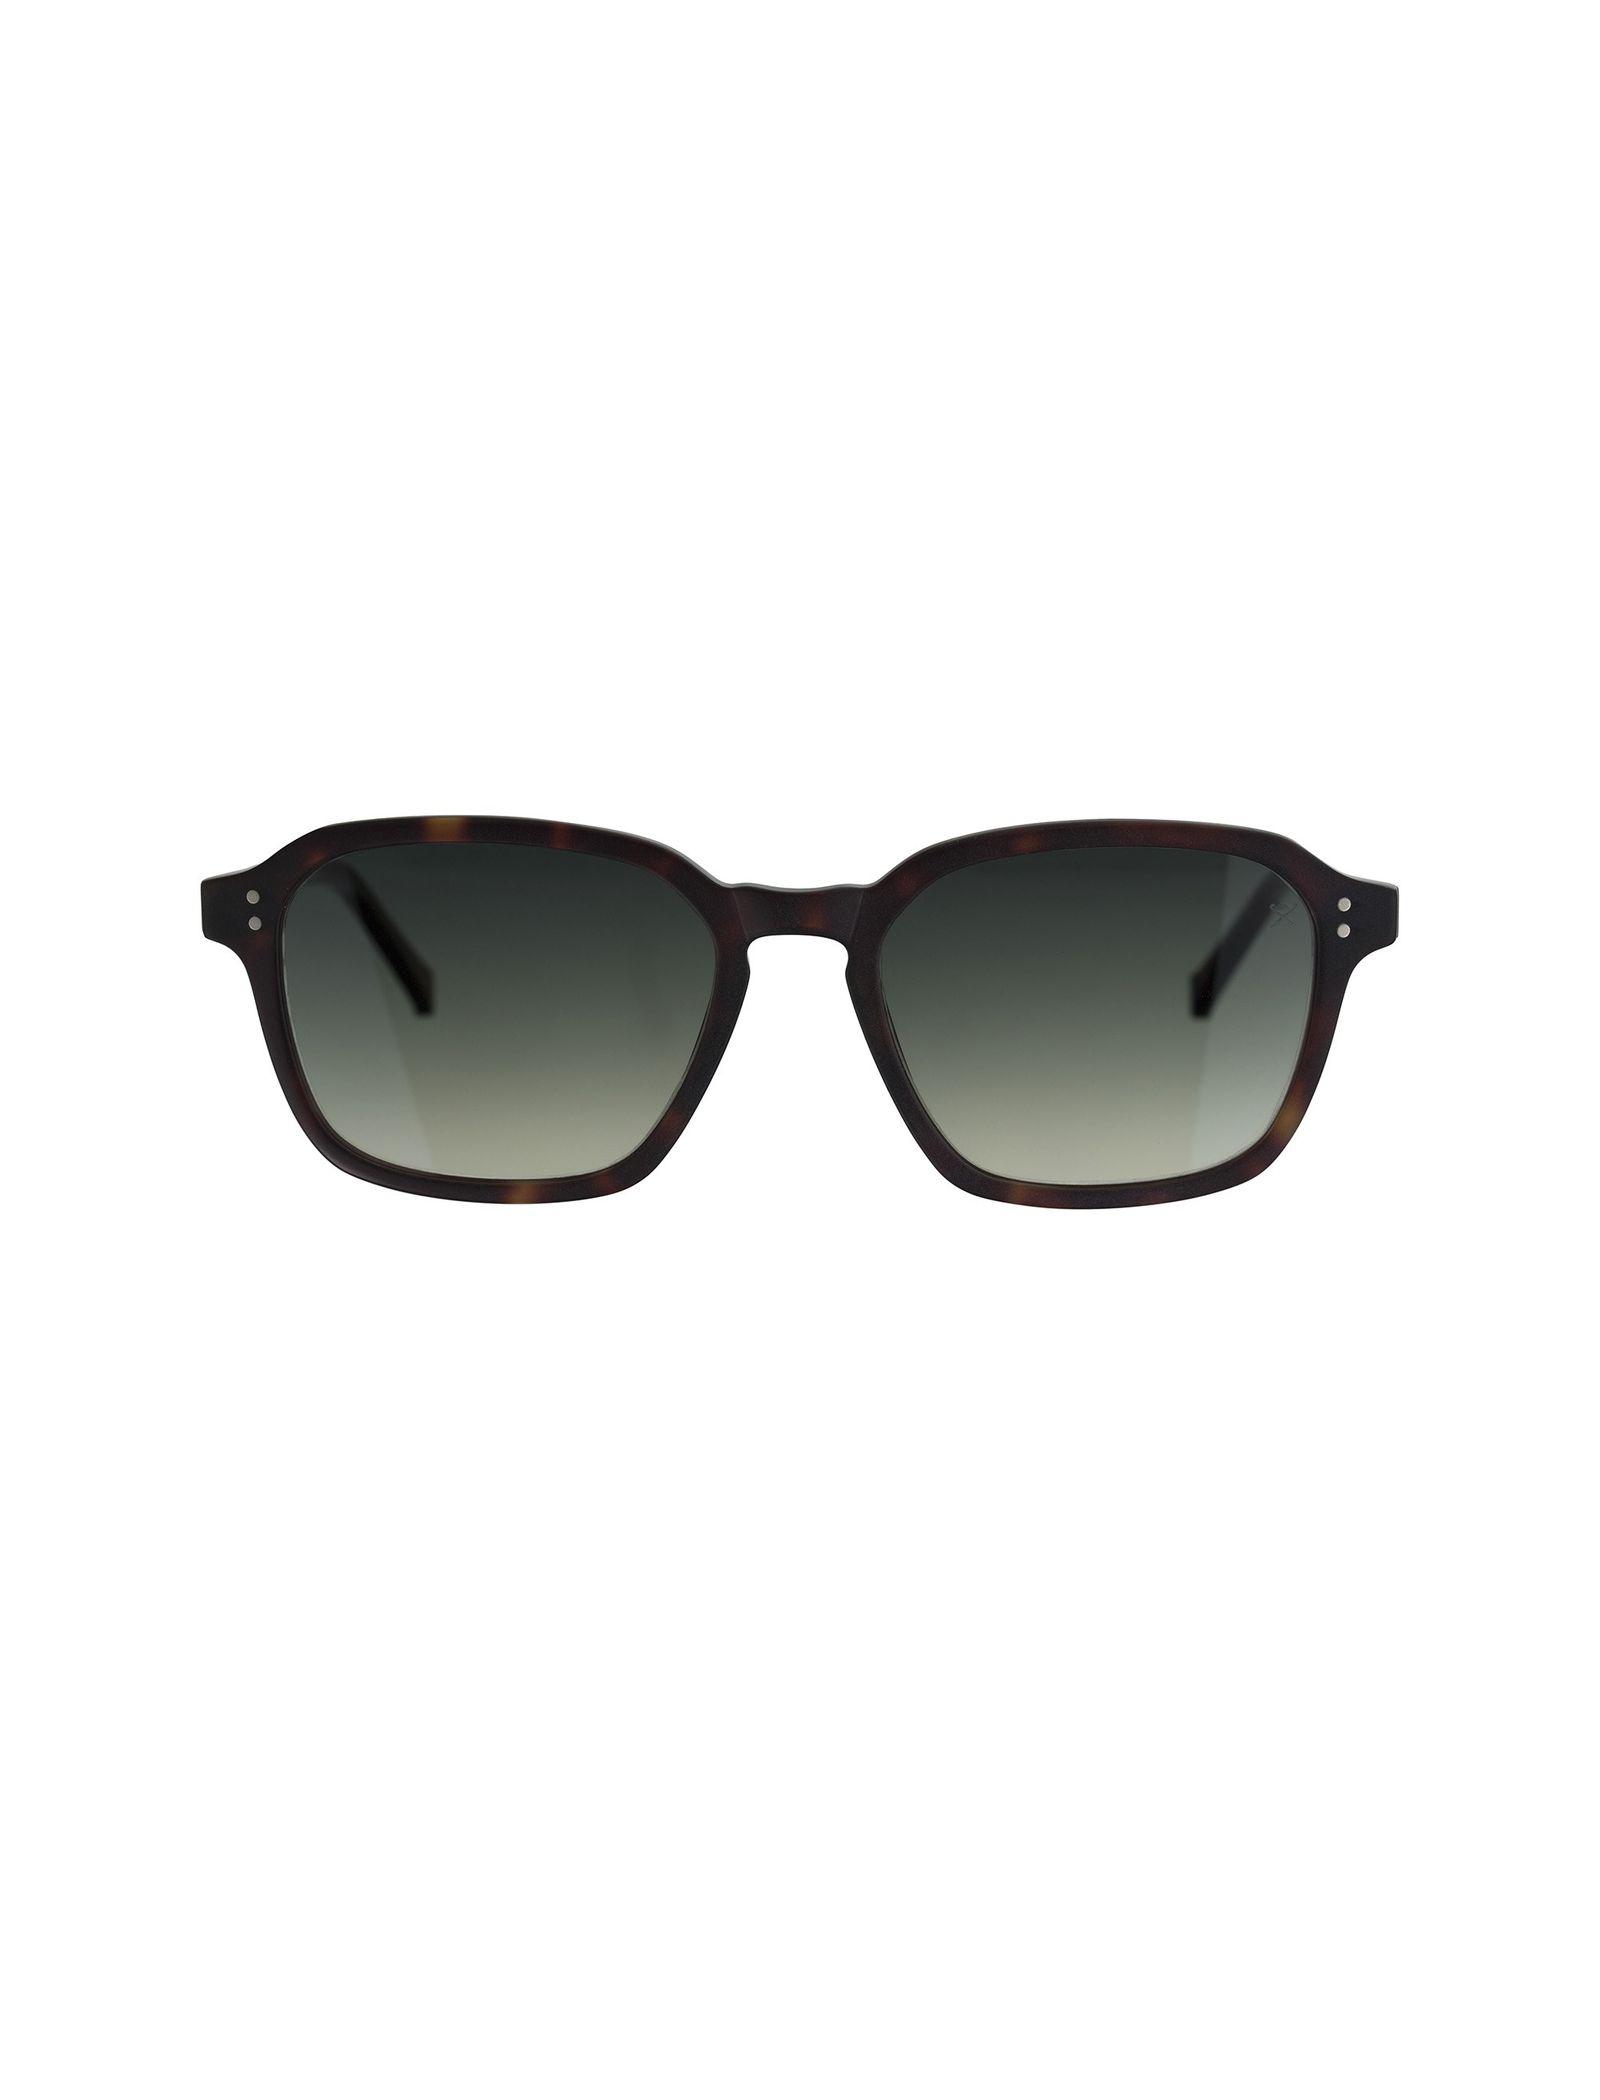 عینک آفتابی ویفرر مردانه - هکت - قهوه اي       - 1